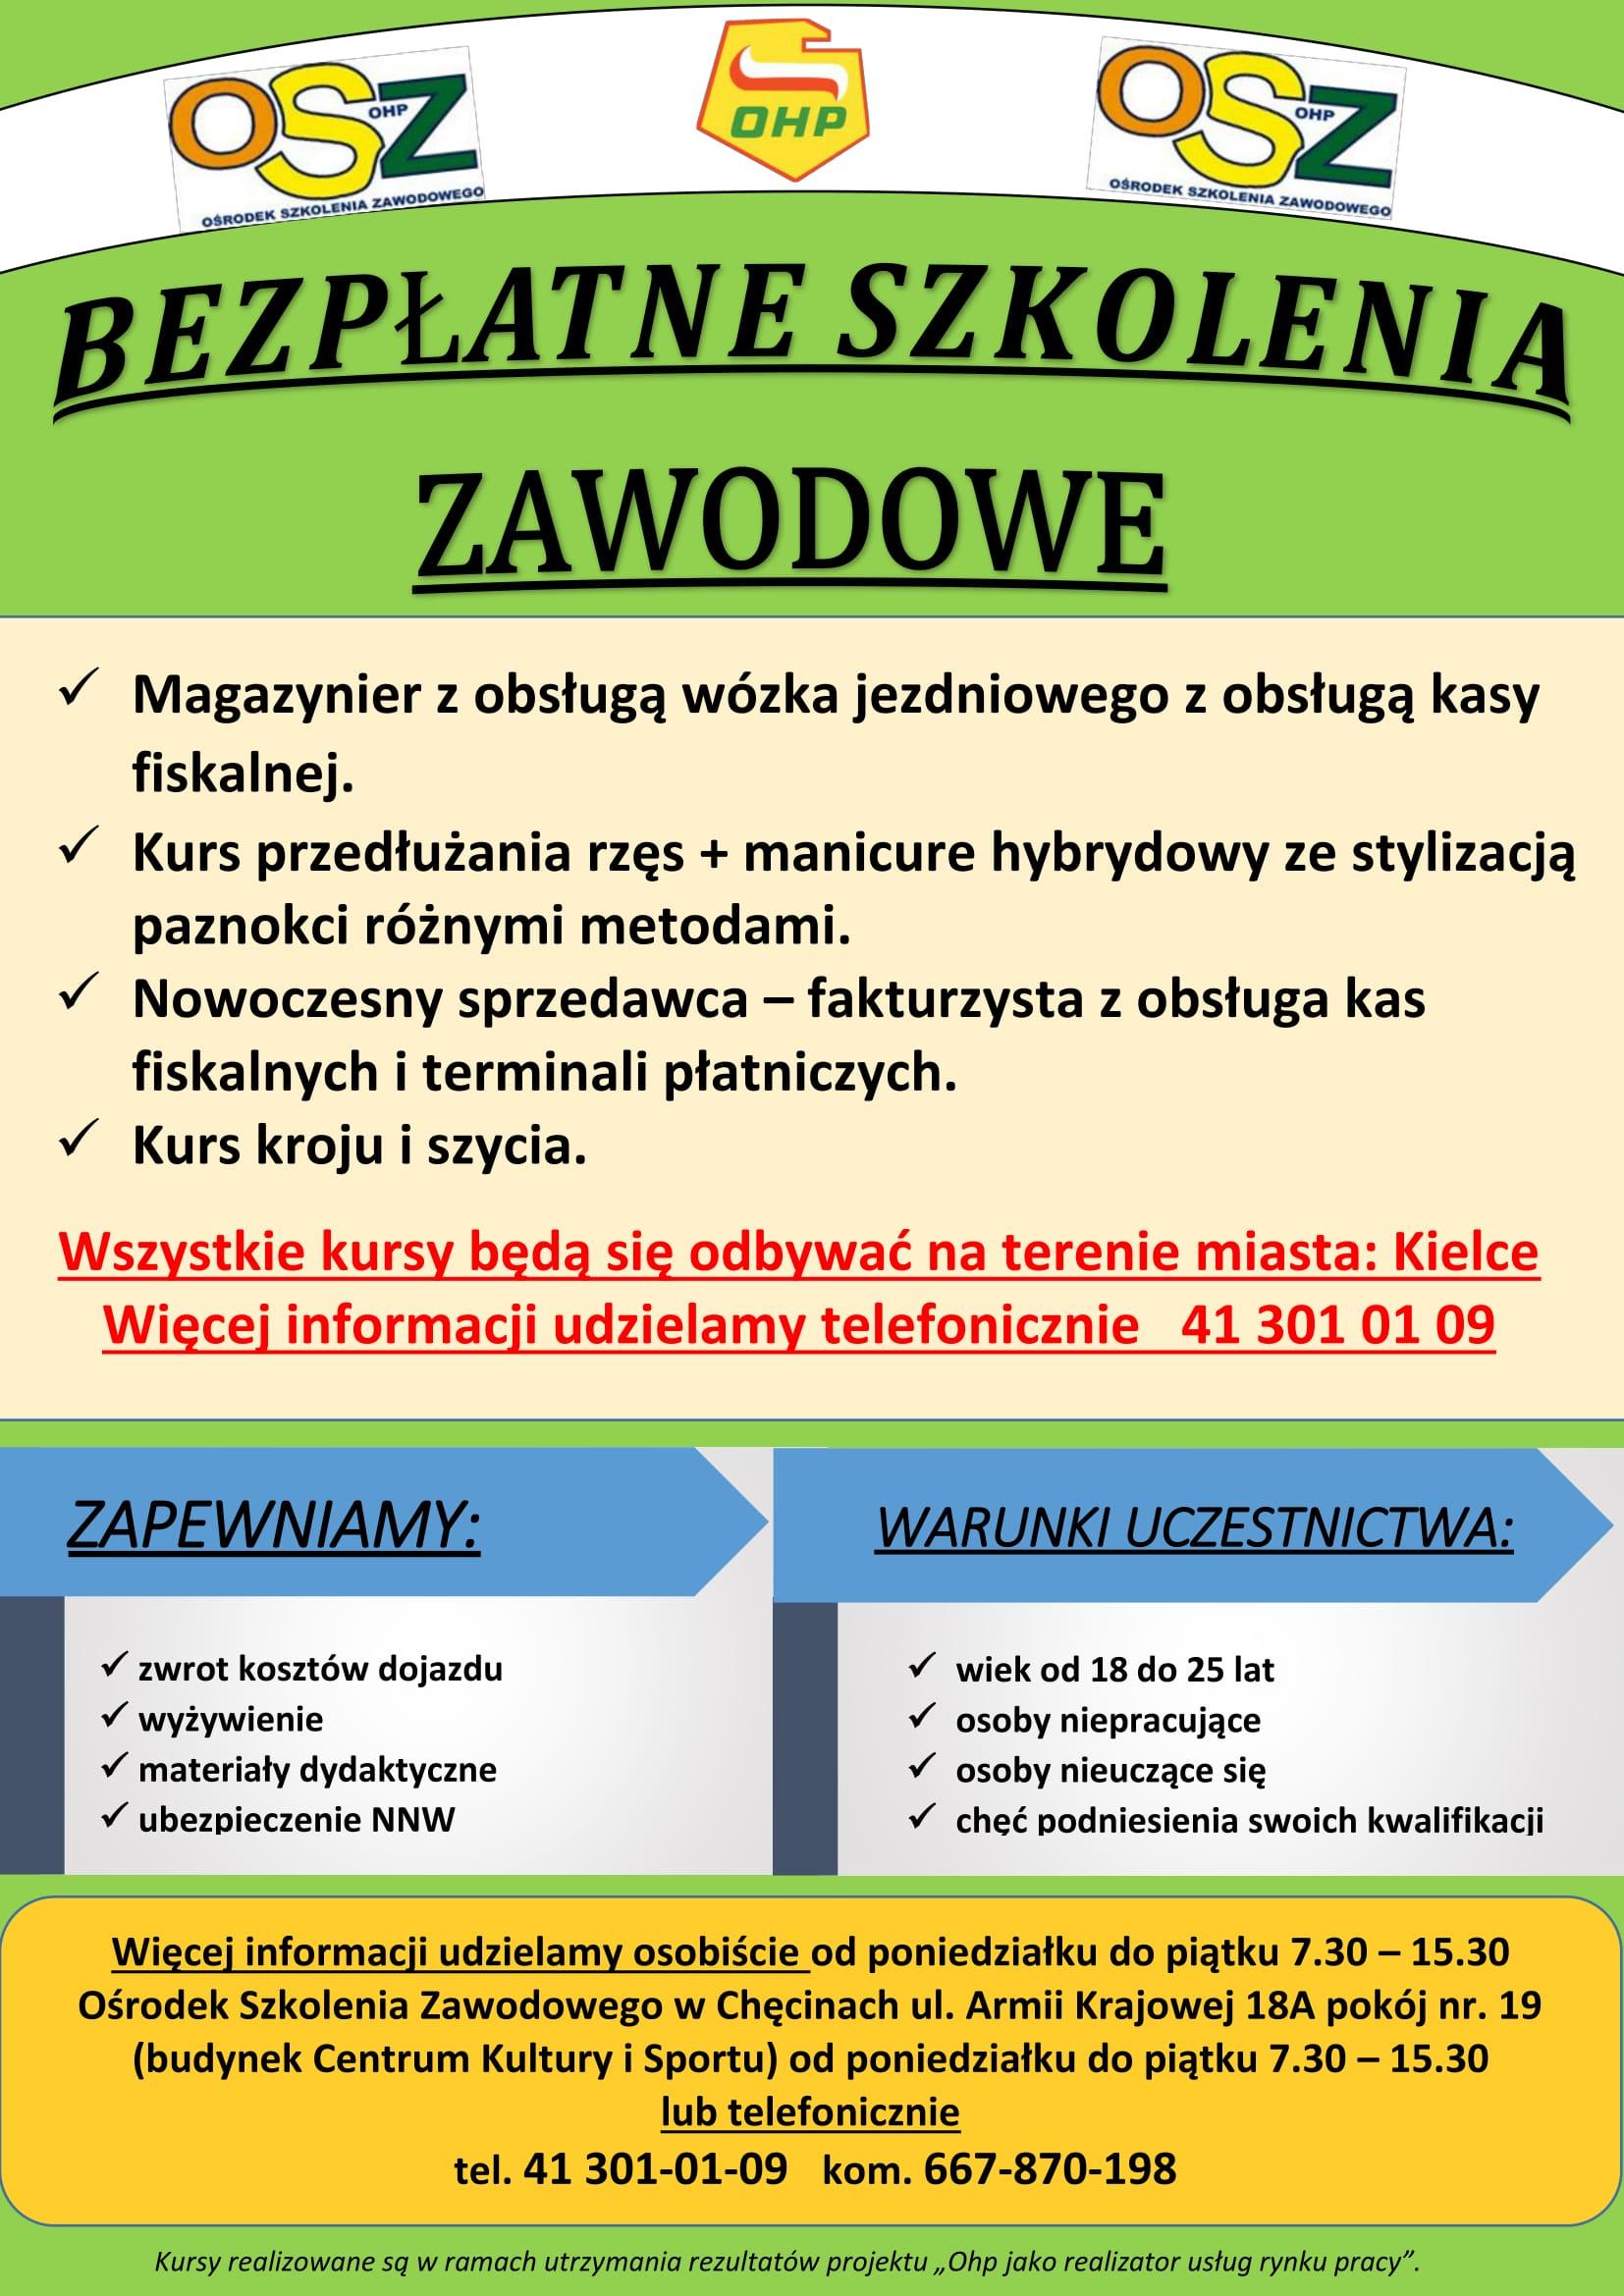 plakat reklamowy OHP-szkolenia